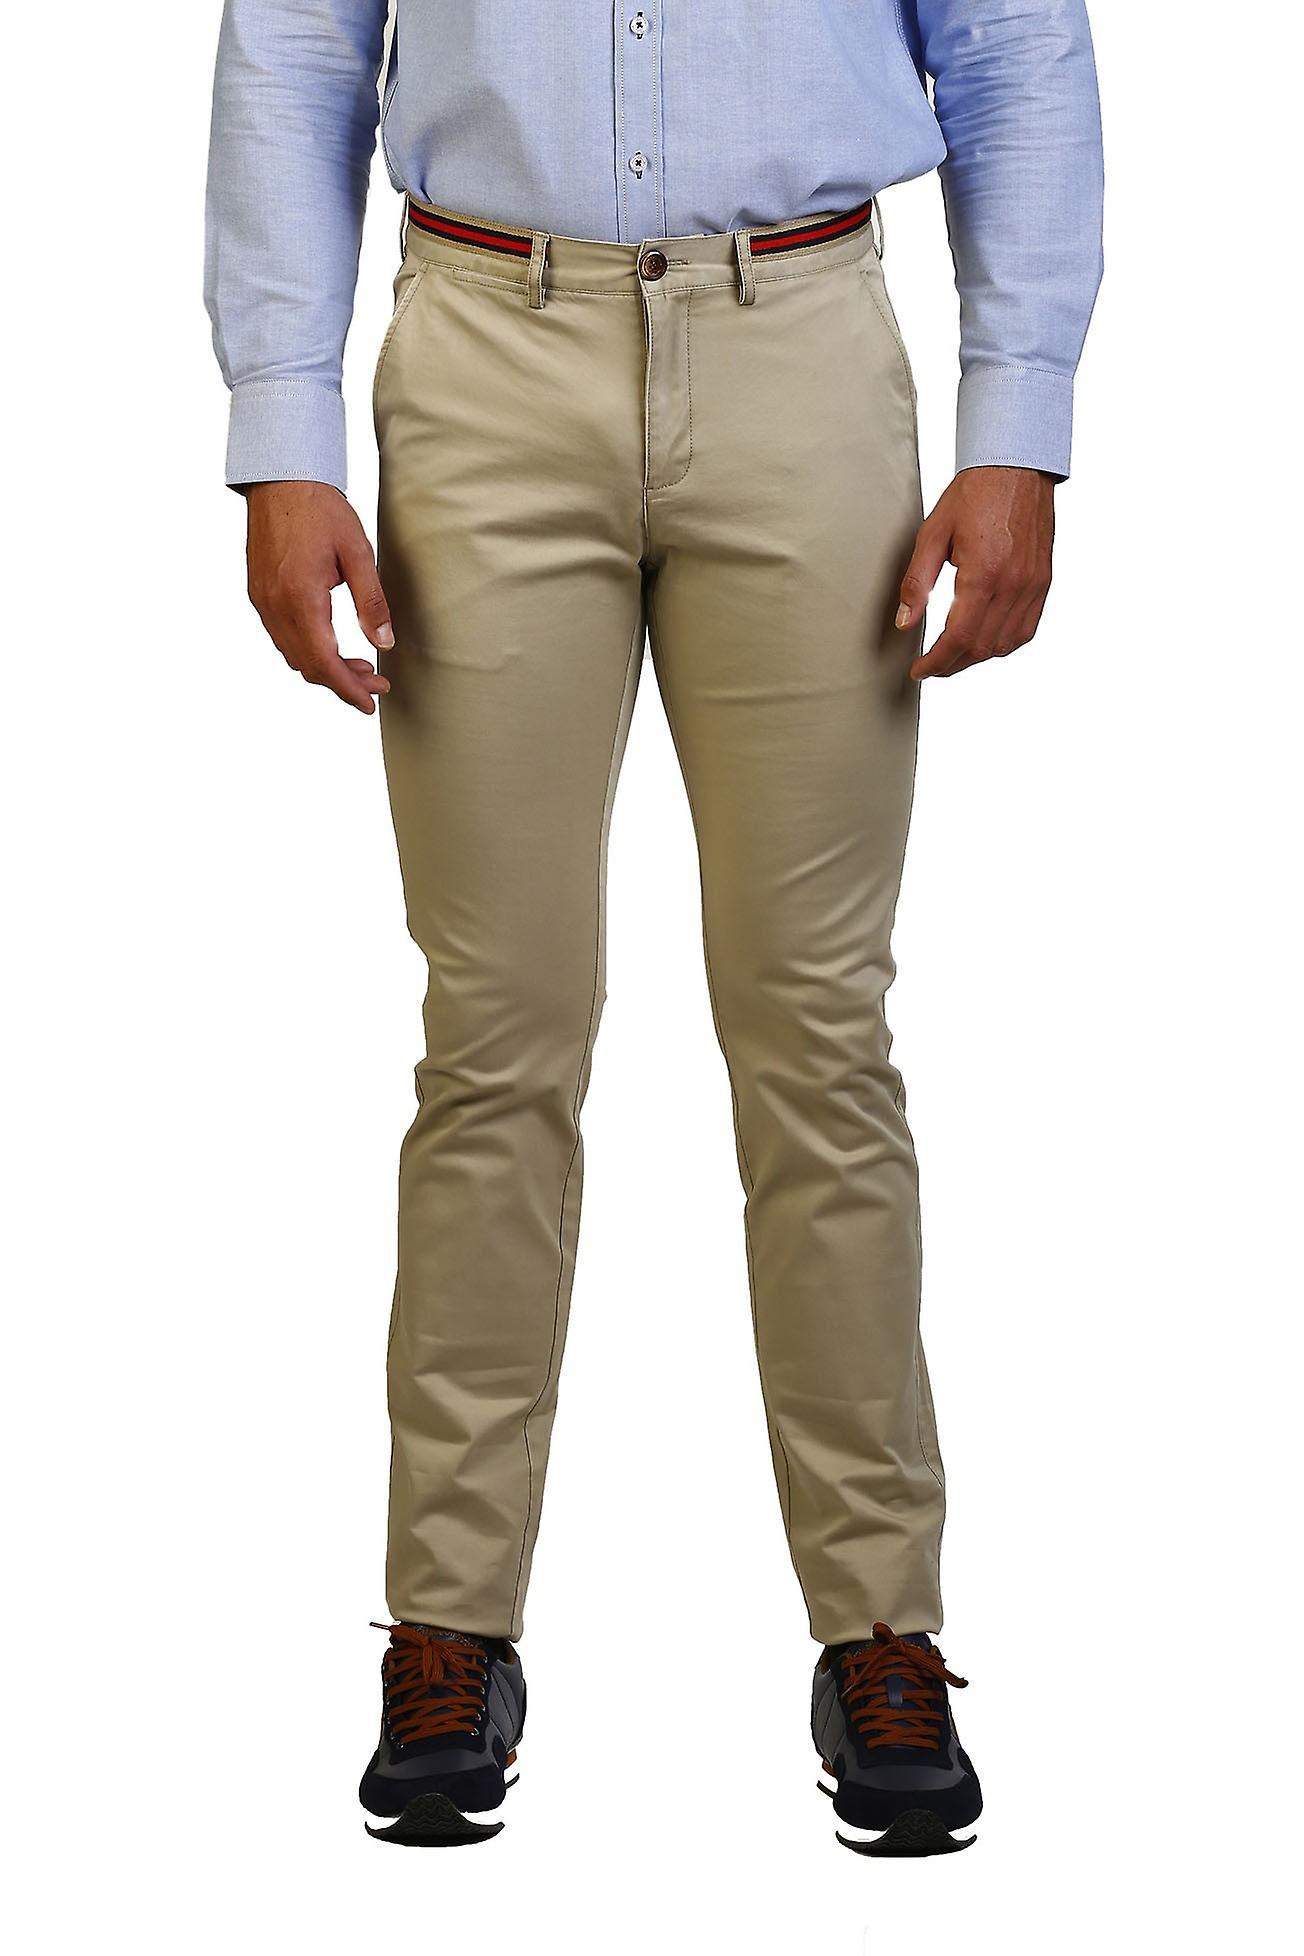 Pantalon Hombre The Time Of Bocha JI1PPOLO-124-Piedra 712